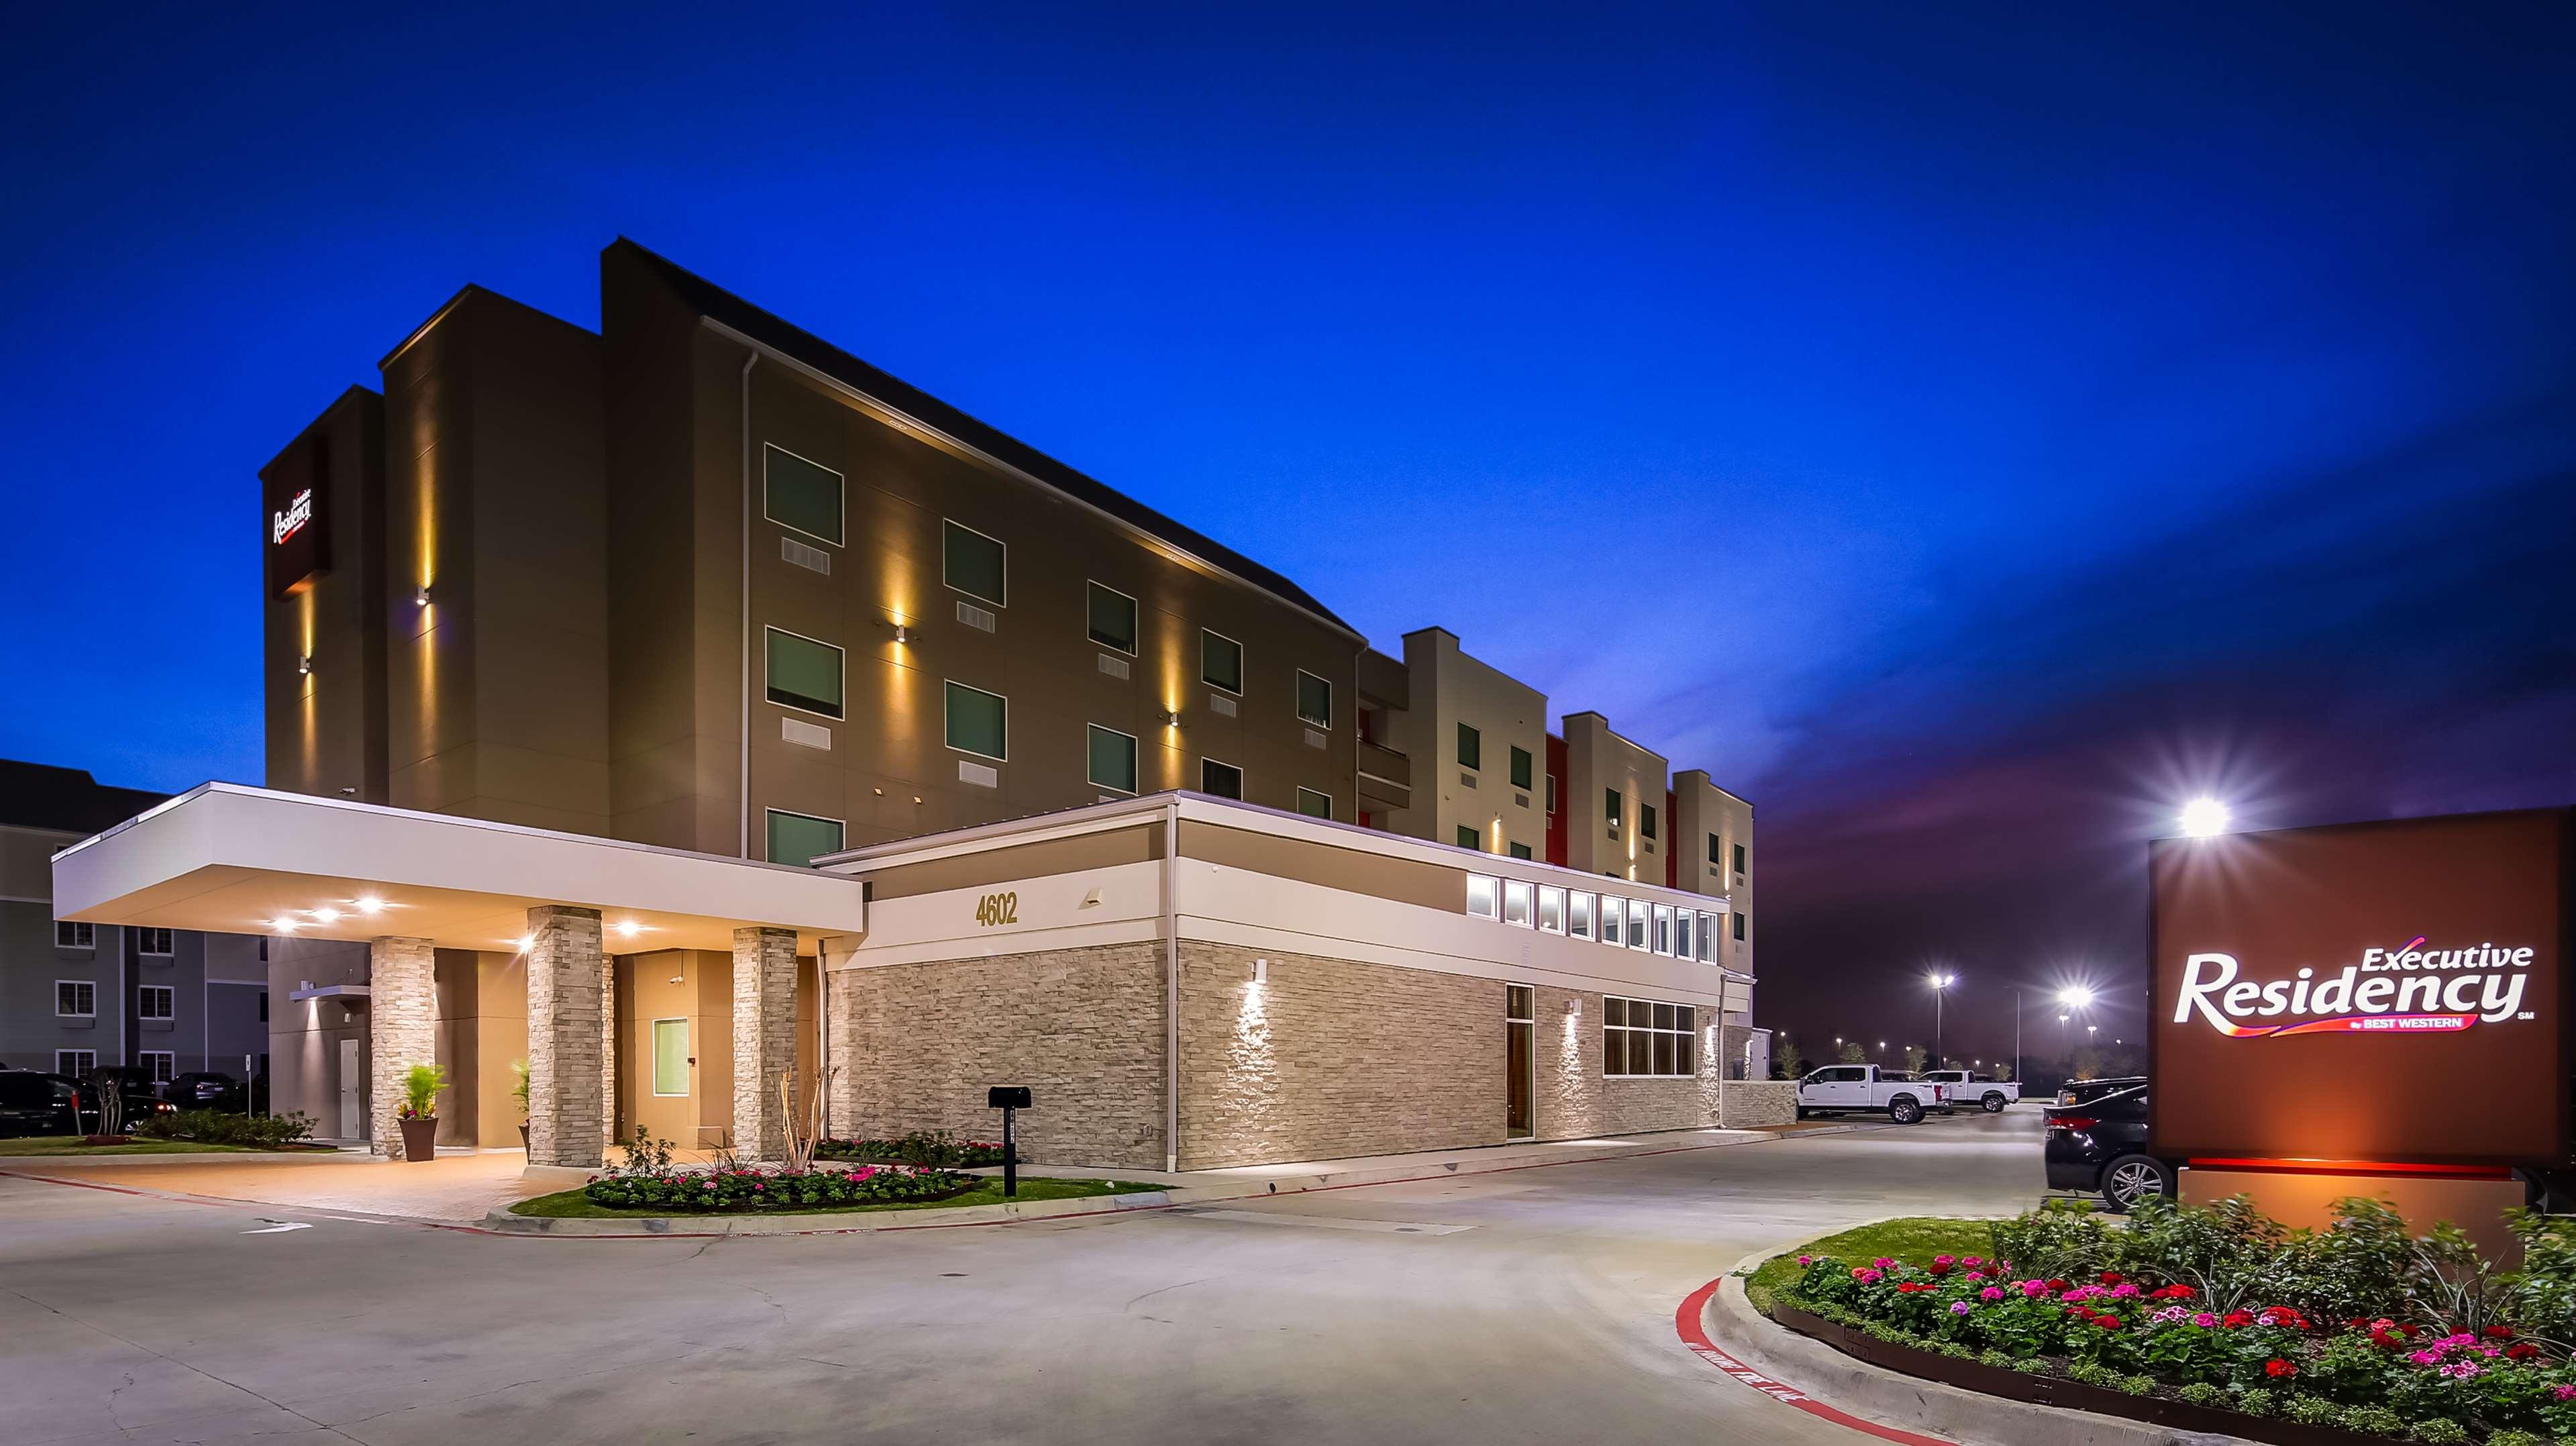 Best Western Plus Executive Residency Baytown image 0